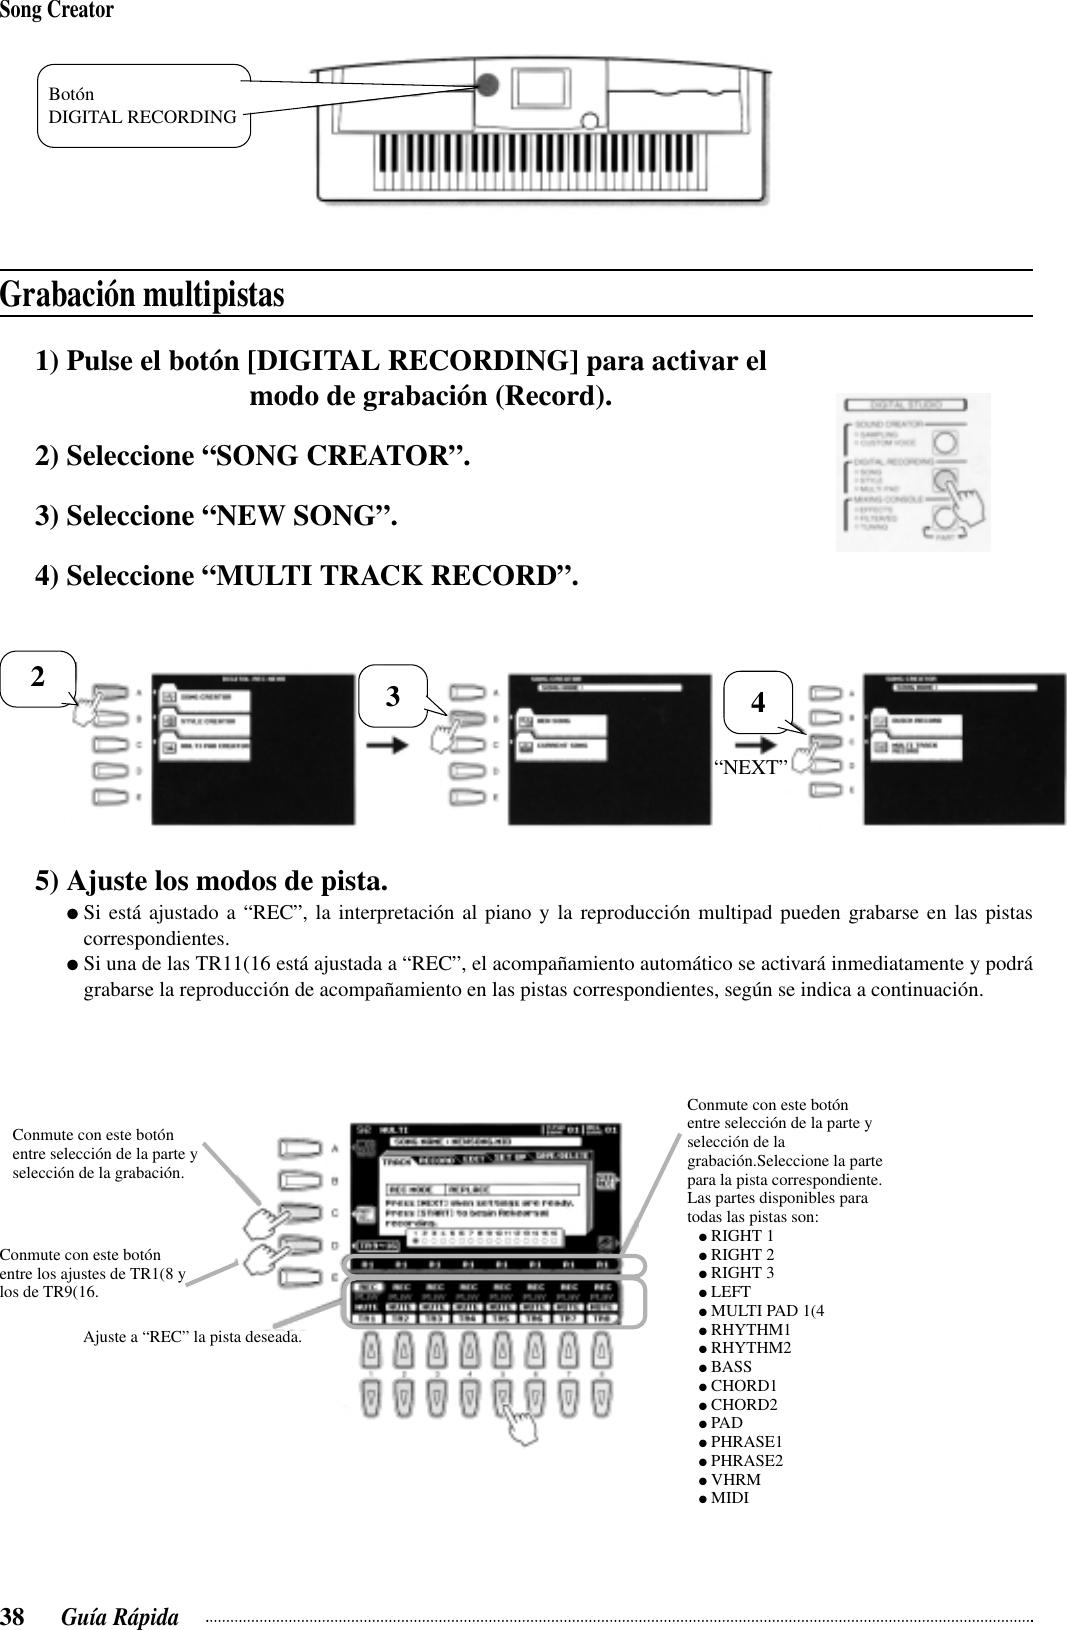 Nylon Self cubierta Botones 6 Tamaños-selecciona en la lista desplegable